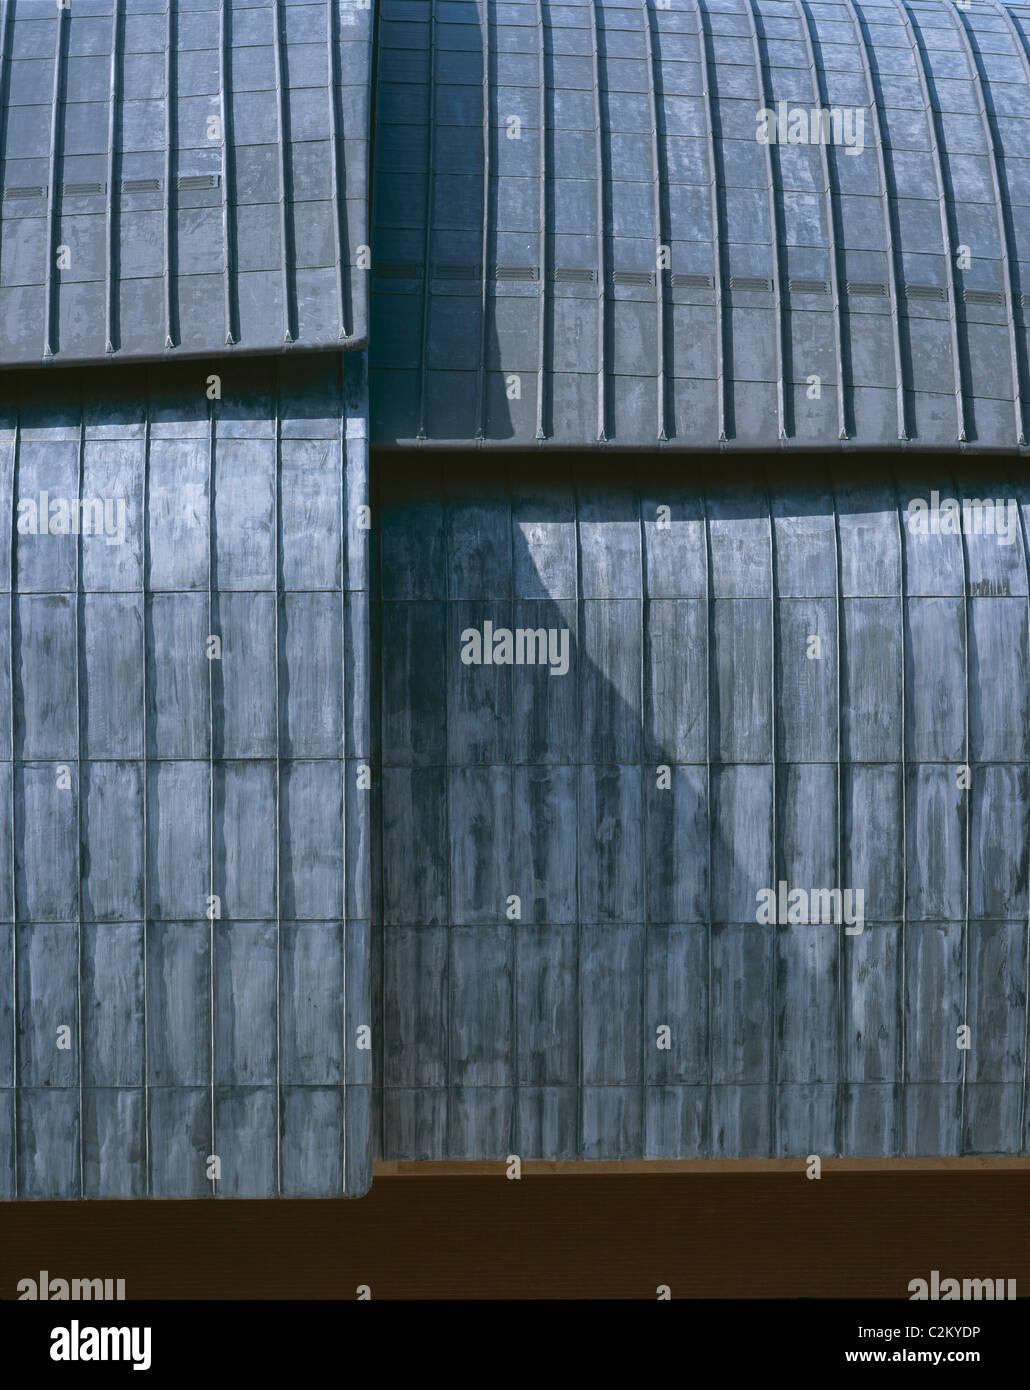 Auditorio Parco della Musica, Roma, 1997-2002. Detalle del techo. Imagen De Stock